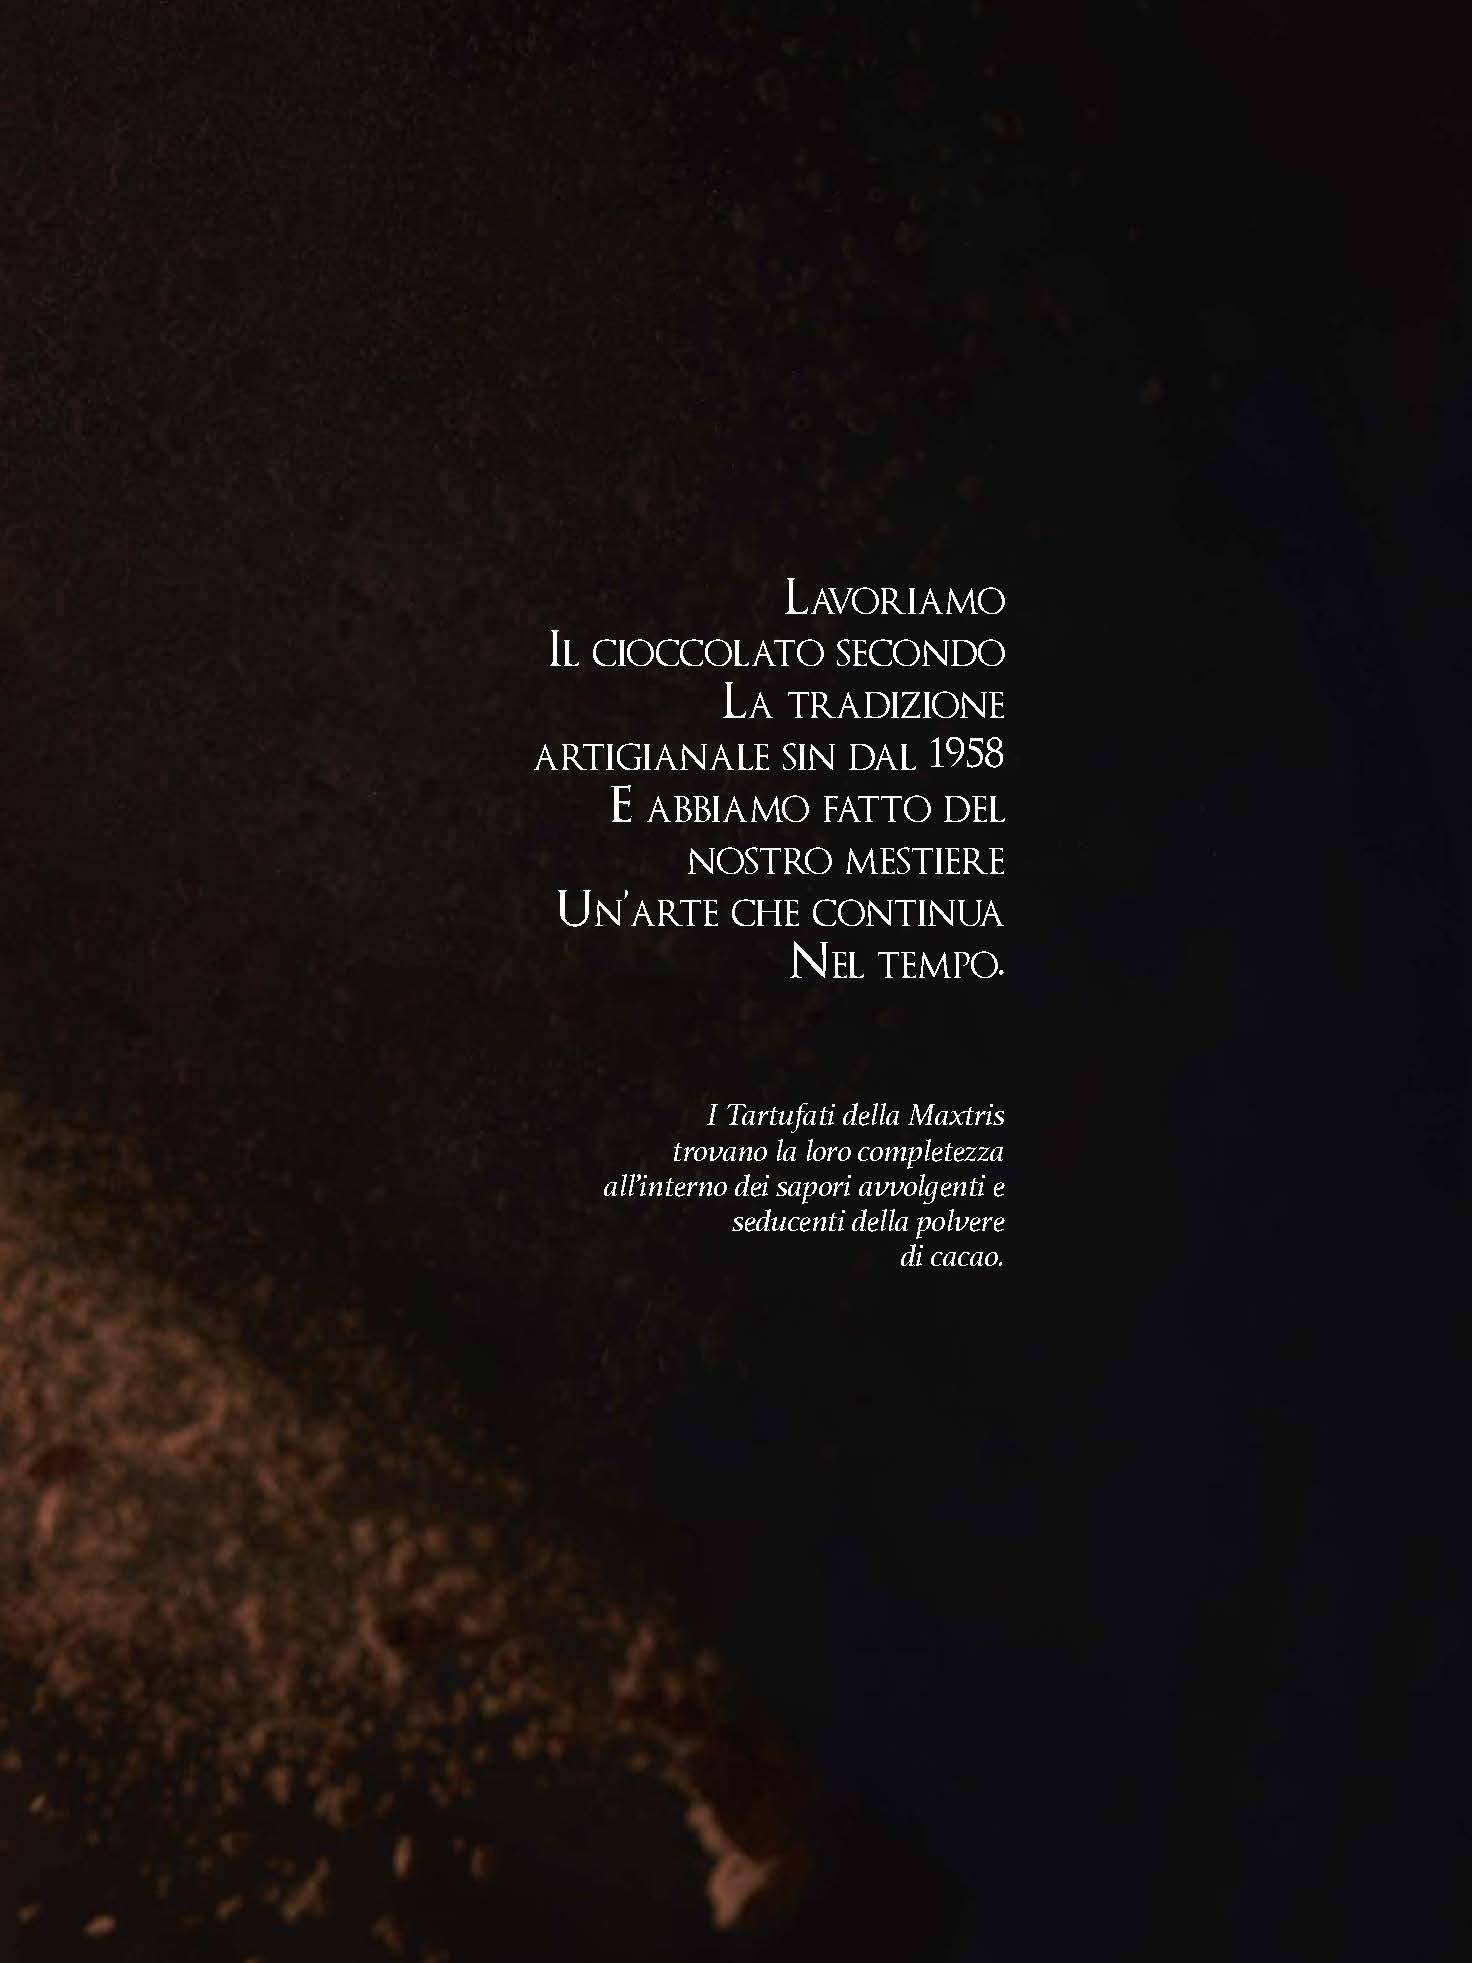 CatalogoCioccolato2019_web_Pagina_08